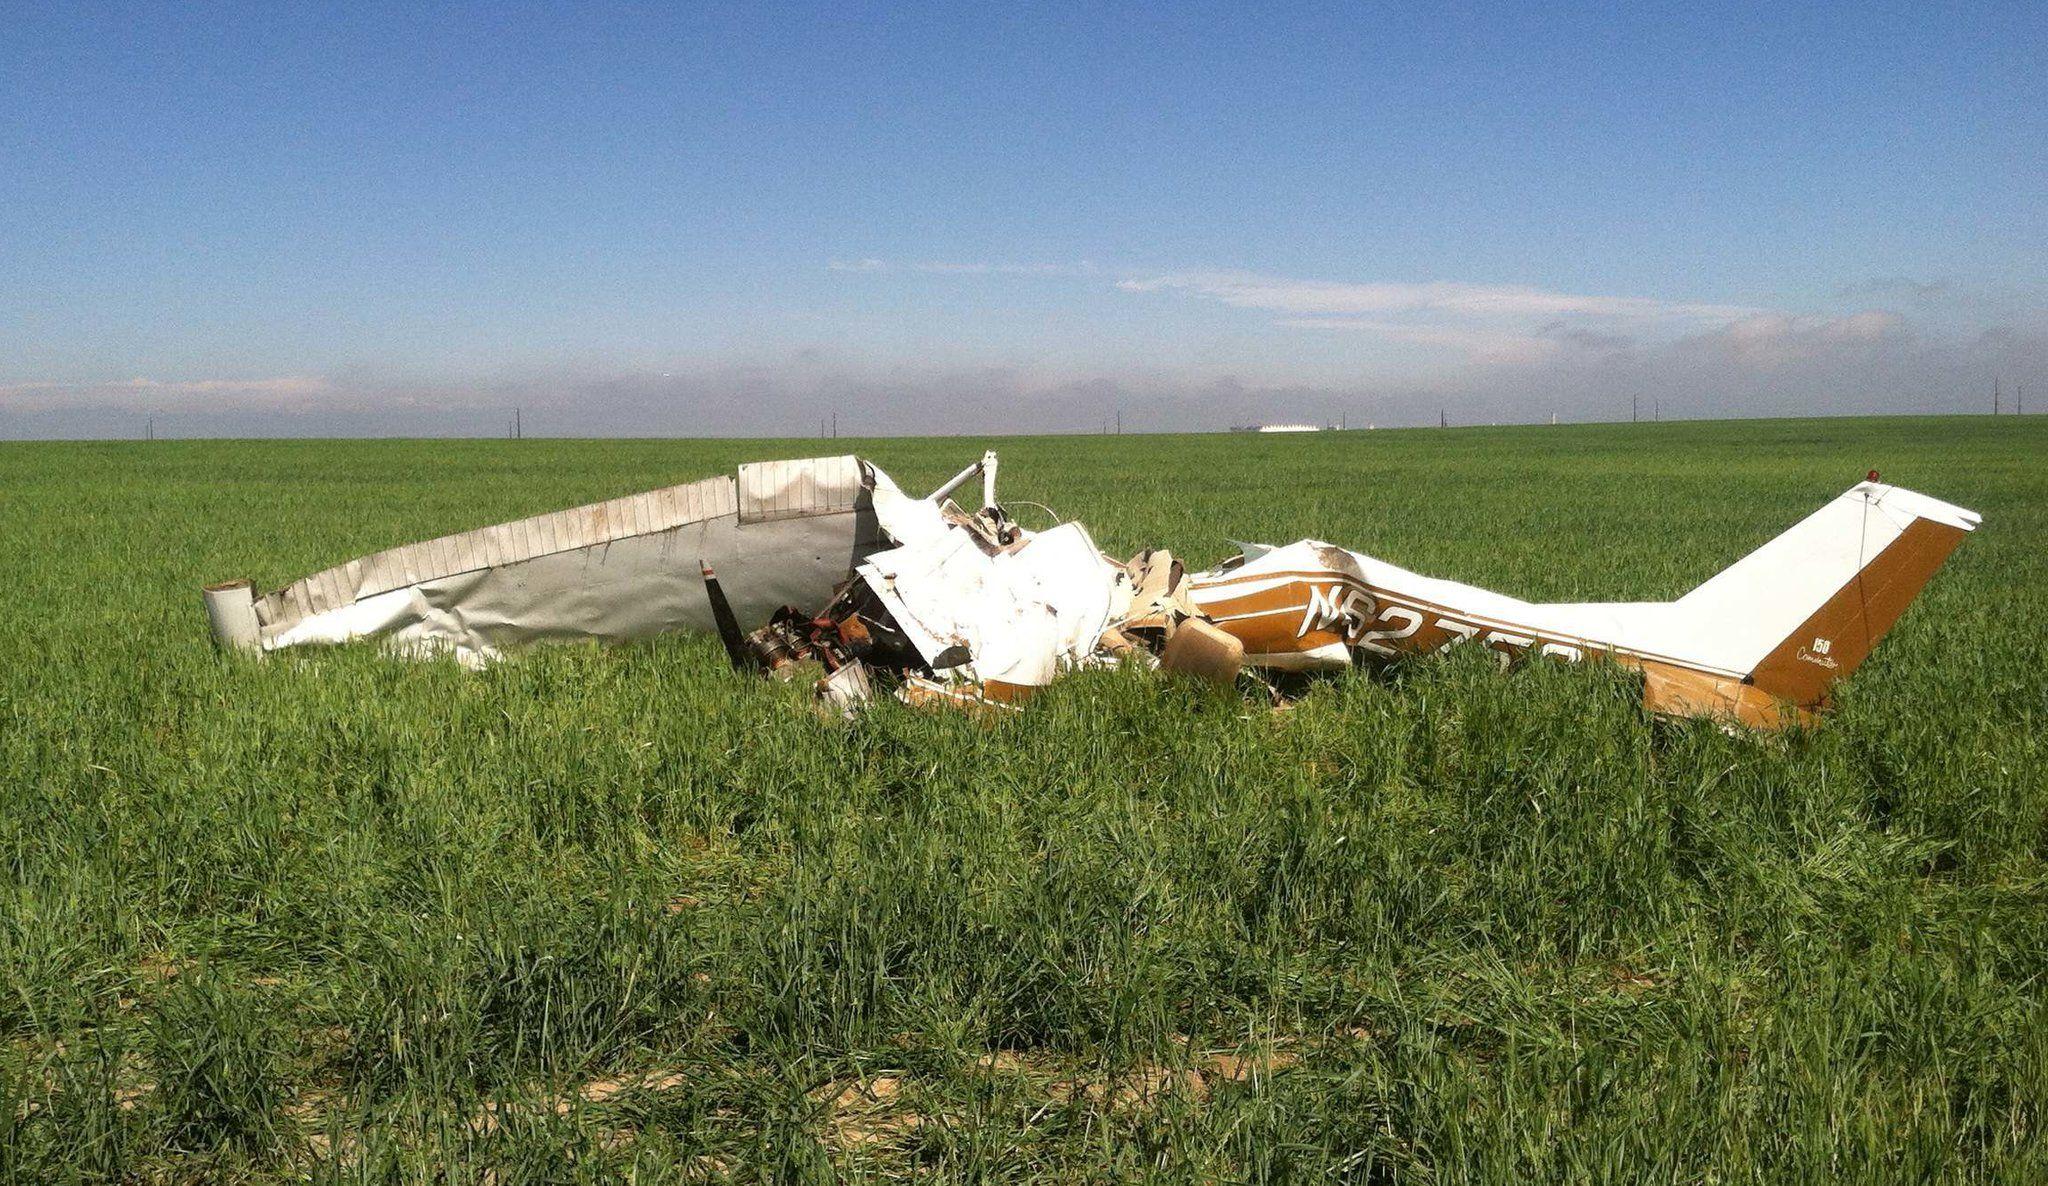 Regulators Cite a New Danger in the Skies Selfies Crash